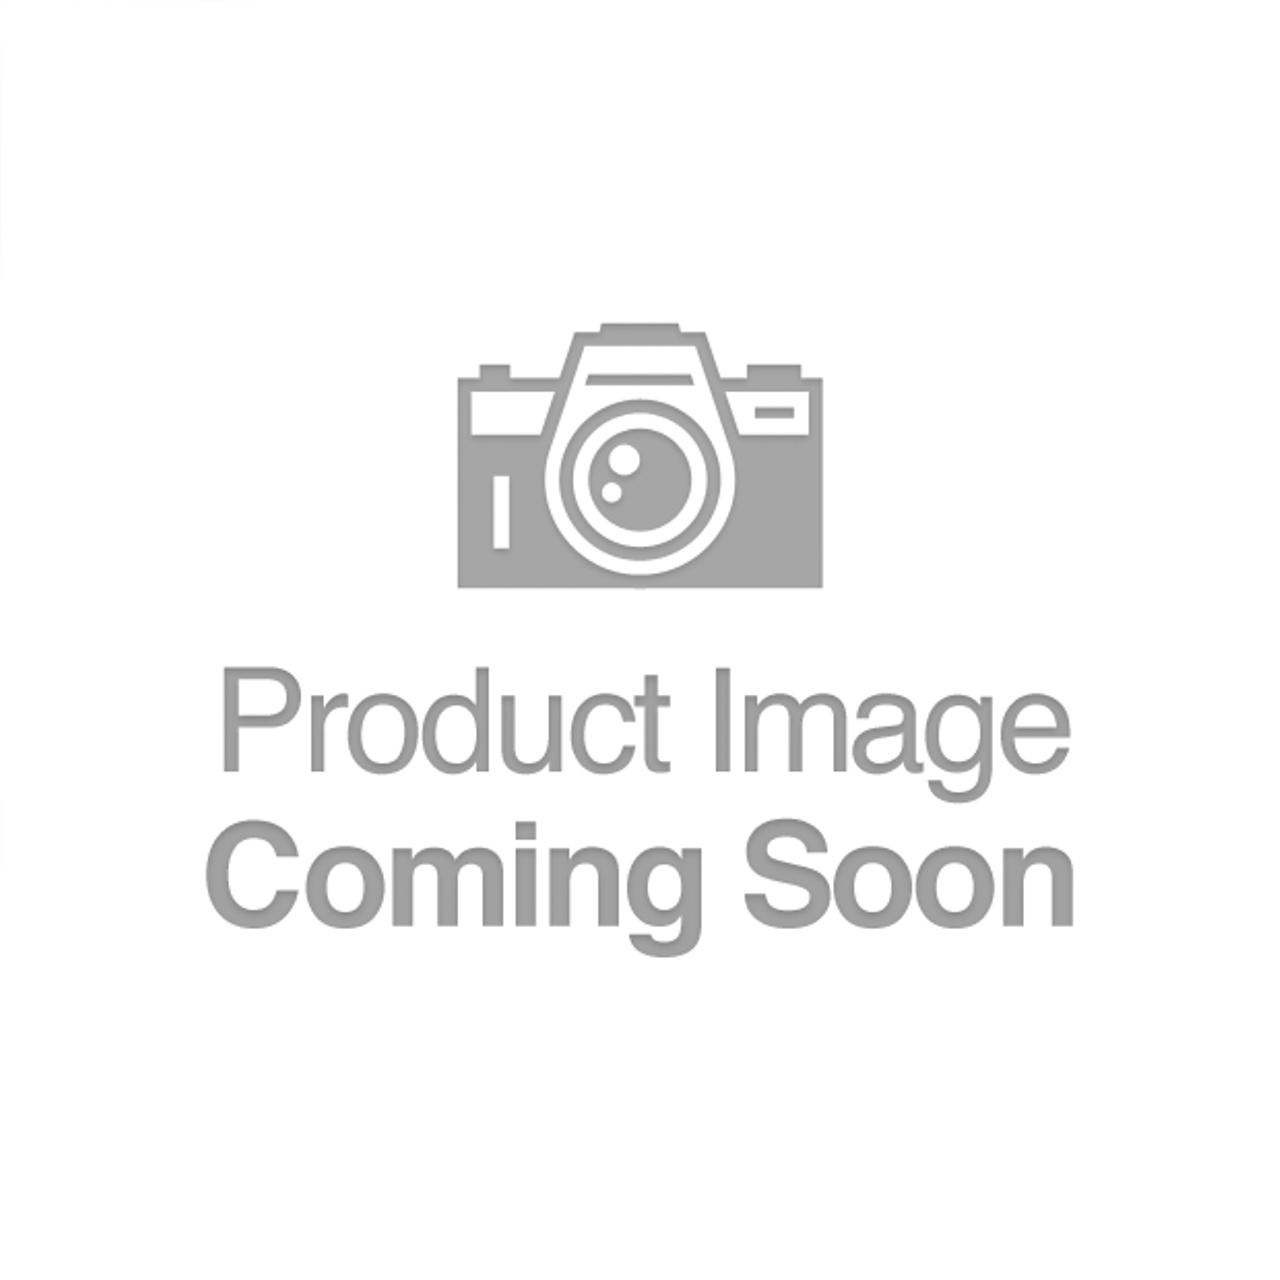 Lululemon Cool Racerback Tank II *SE *SW - 2017 Seawheeze - Zippy Green